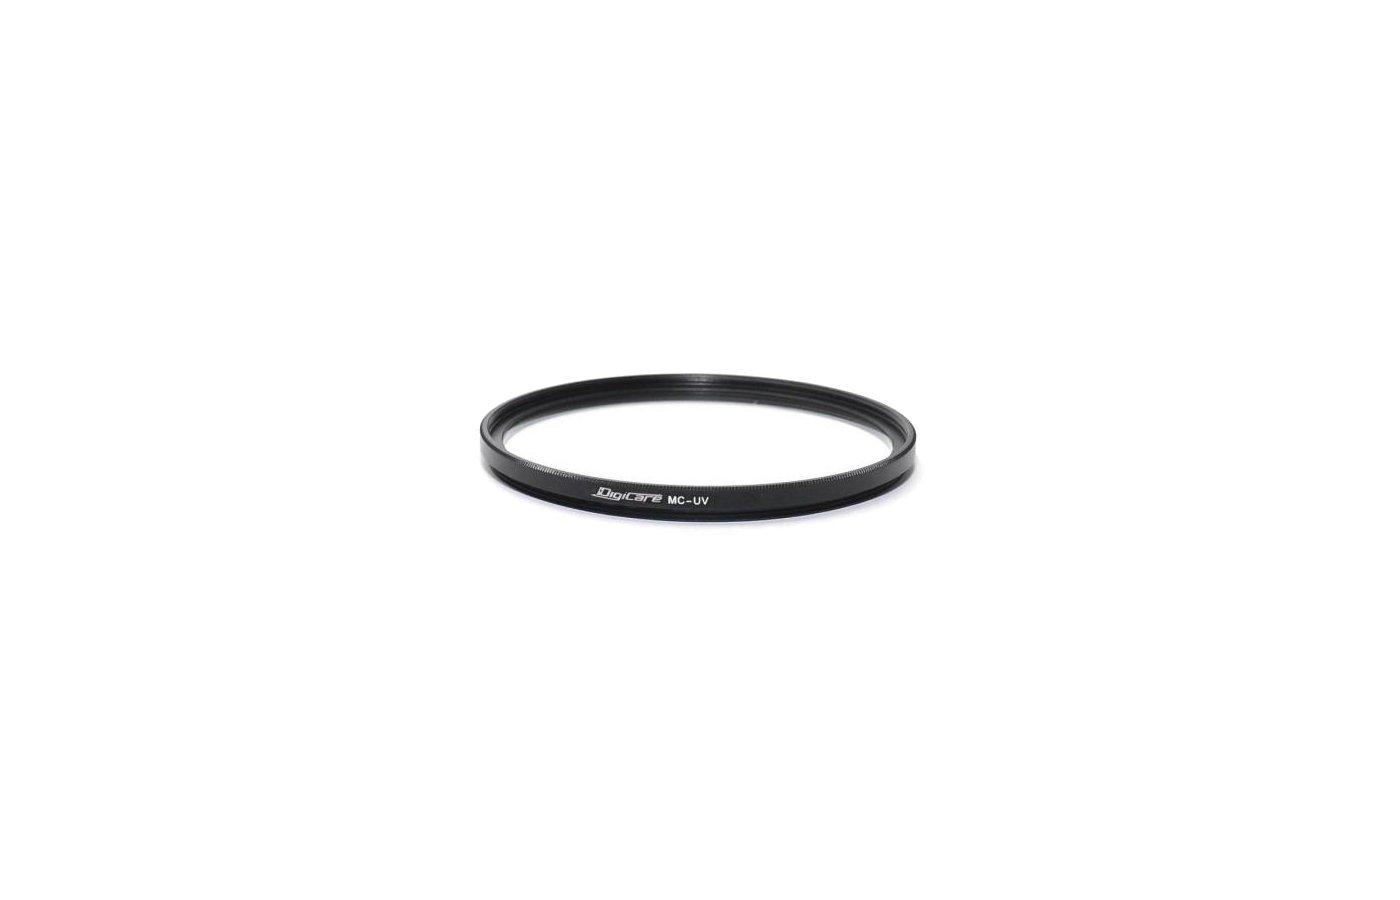 Фильтр DigiCare 72mm MC-UV Super Slim ультрафиолетовый